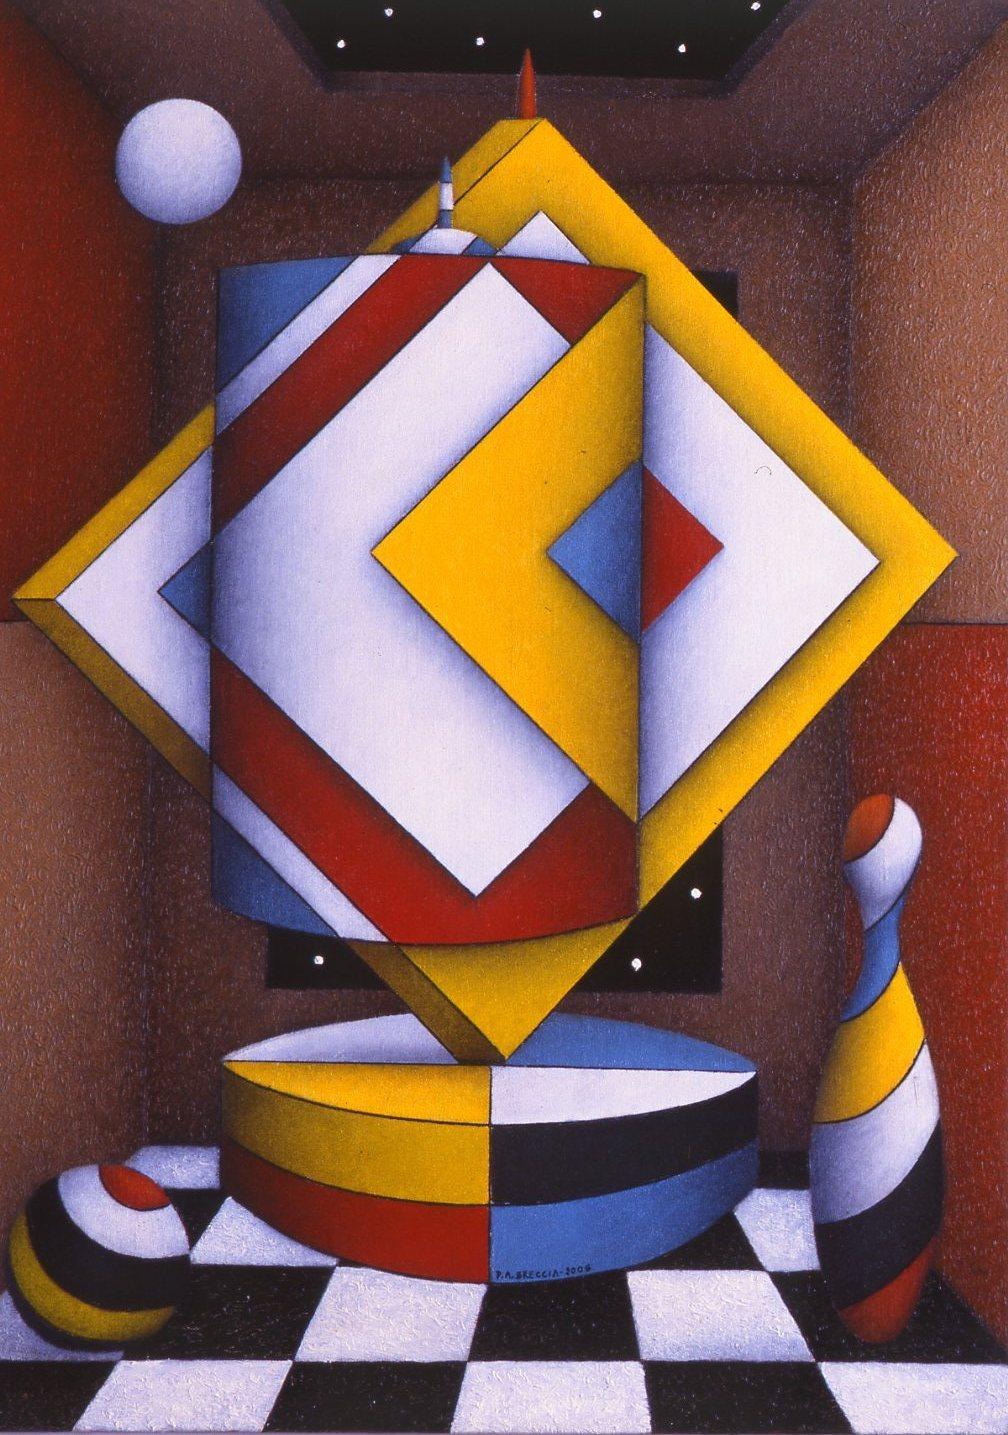 Gioco Simbolo e Forma